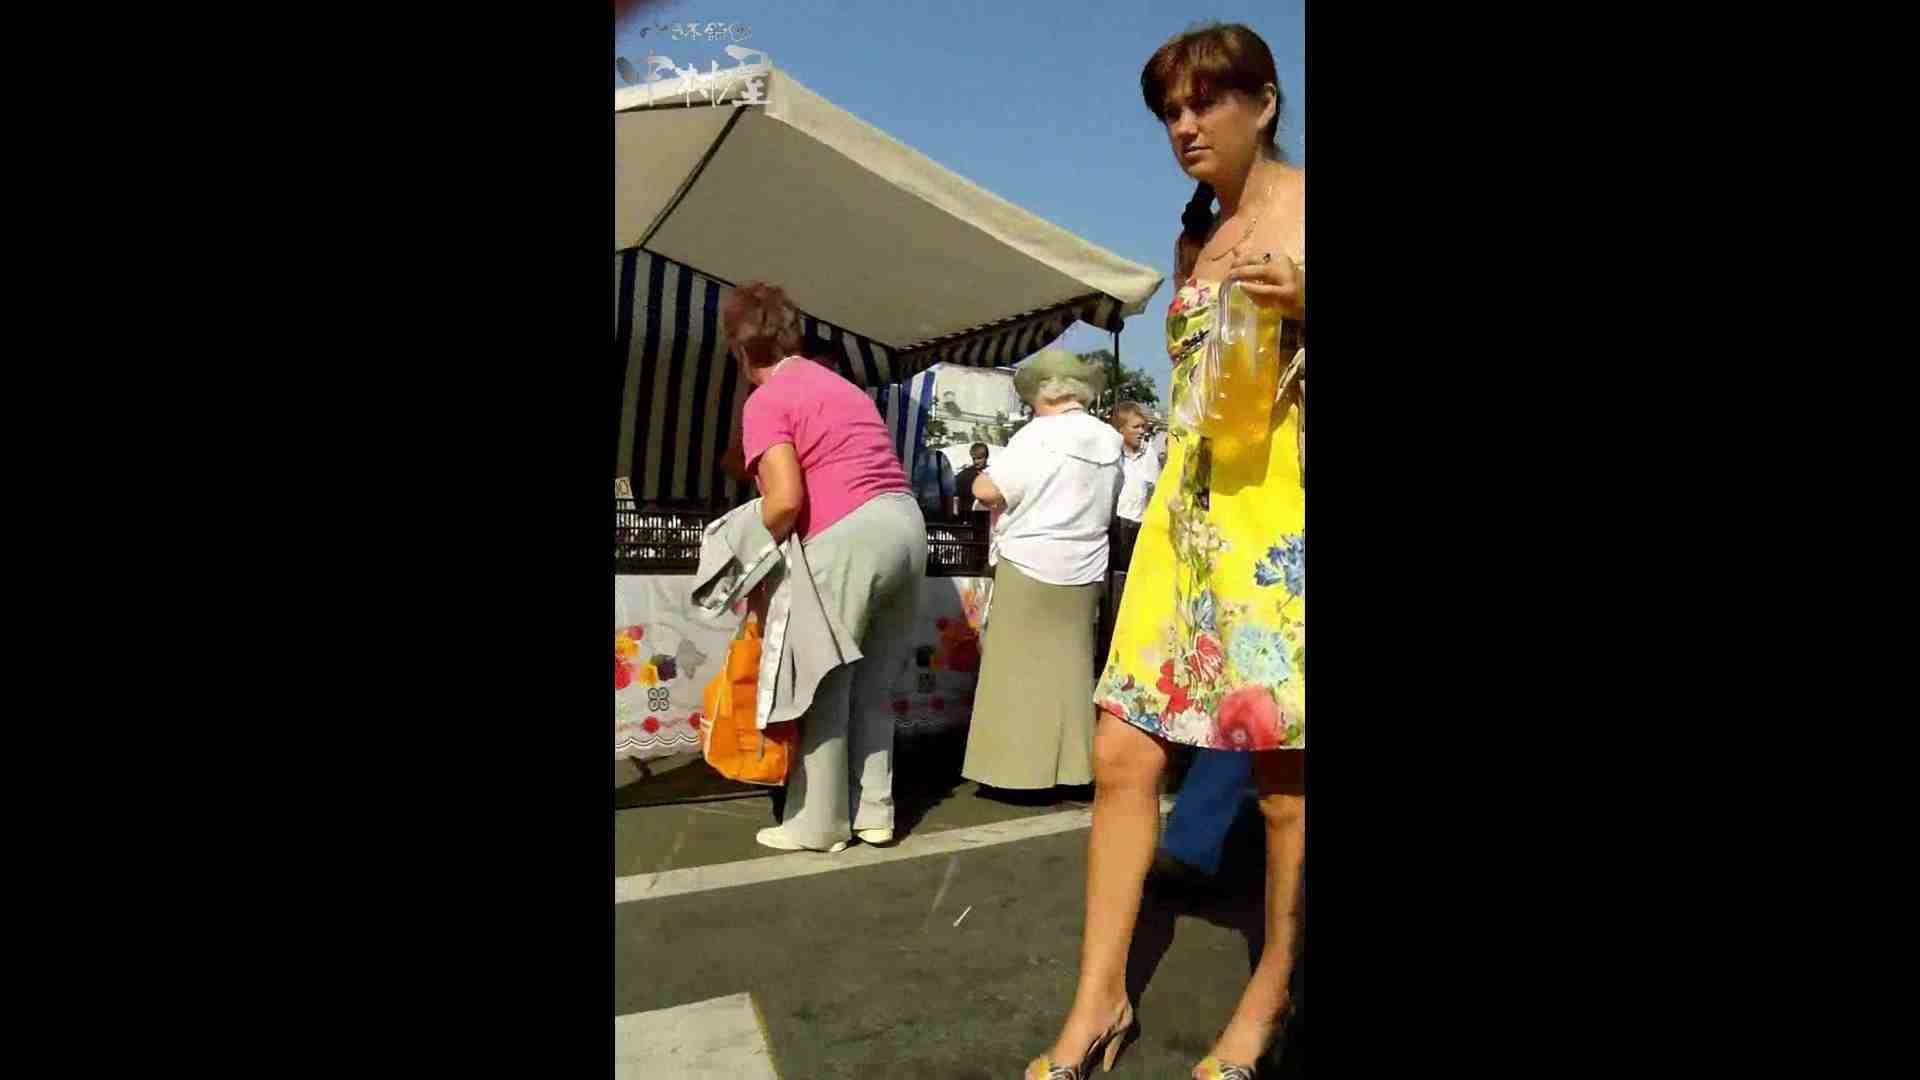 綺麗なモデルさんのスカート捲っちゃおう‼ vol28 お姉さんのエロ動画 | 0  111PIX 5